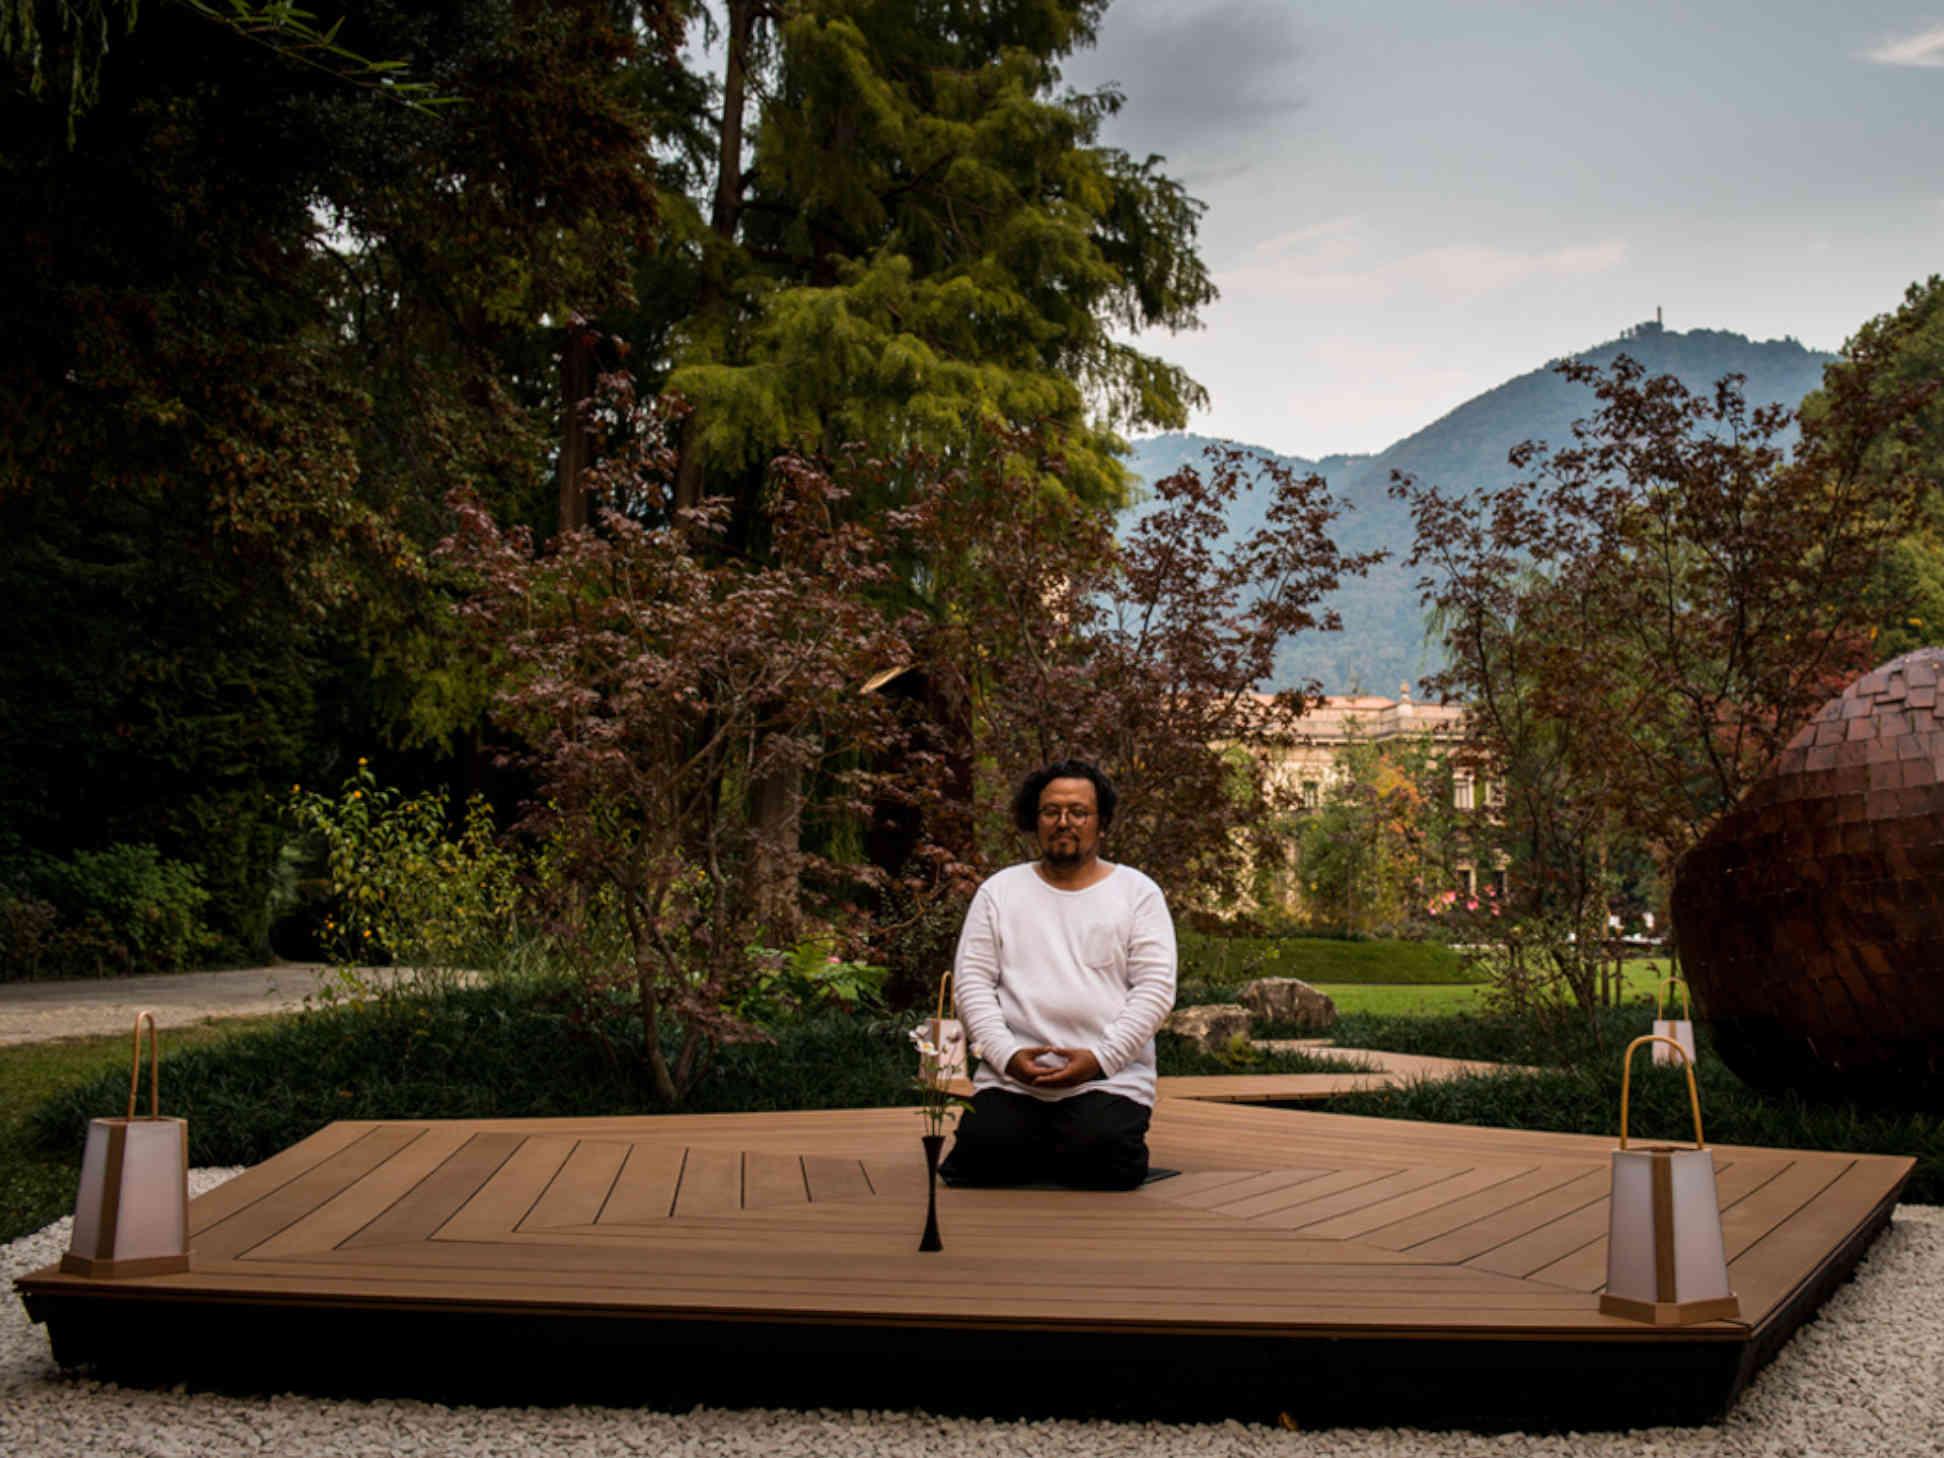 Istruzioni per una terra fantastica: l'arte del giardino secondo Satoru Tabata